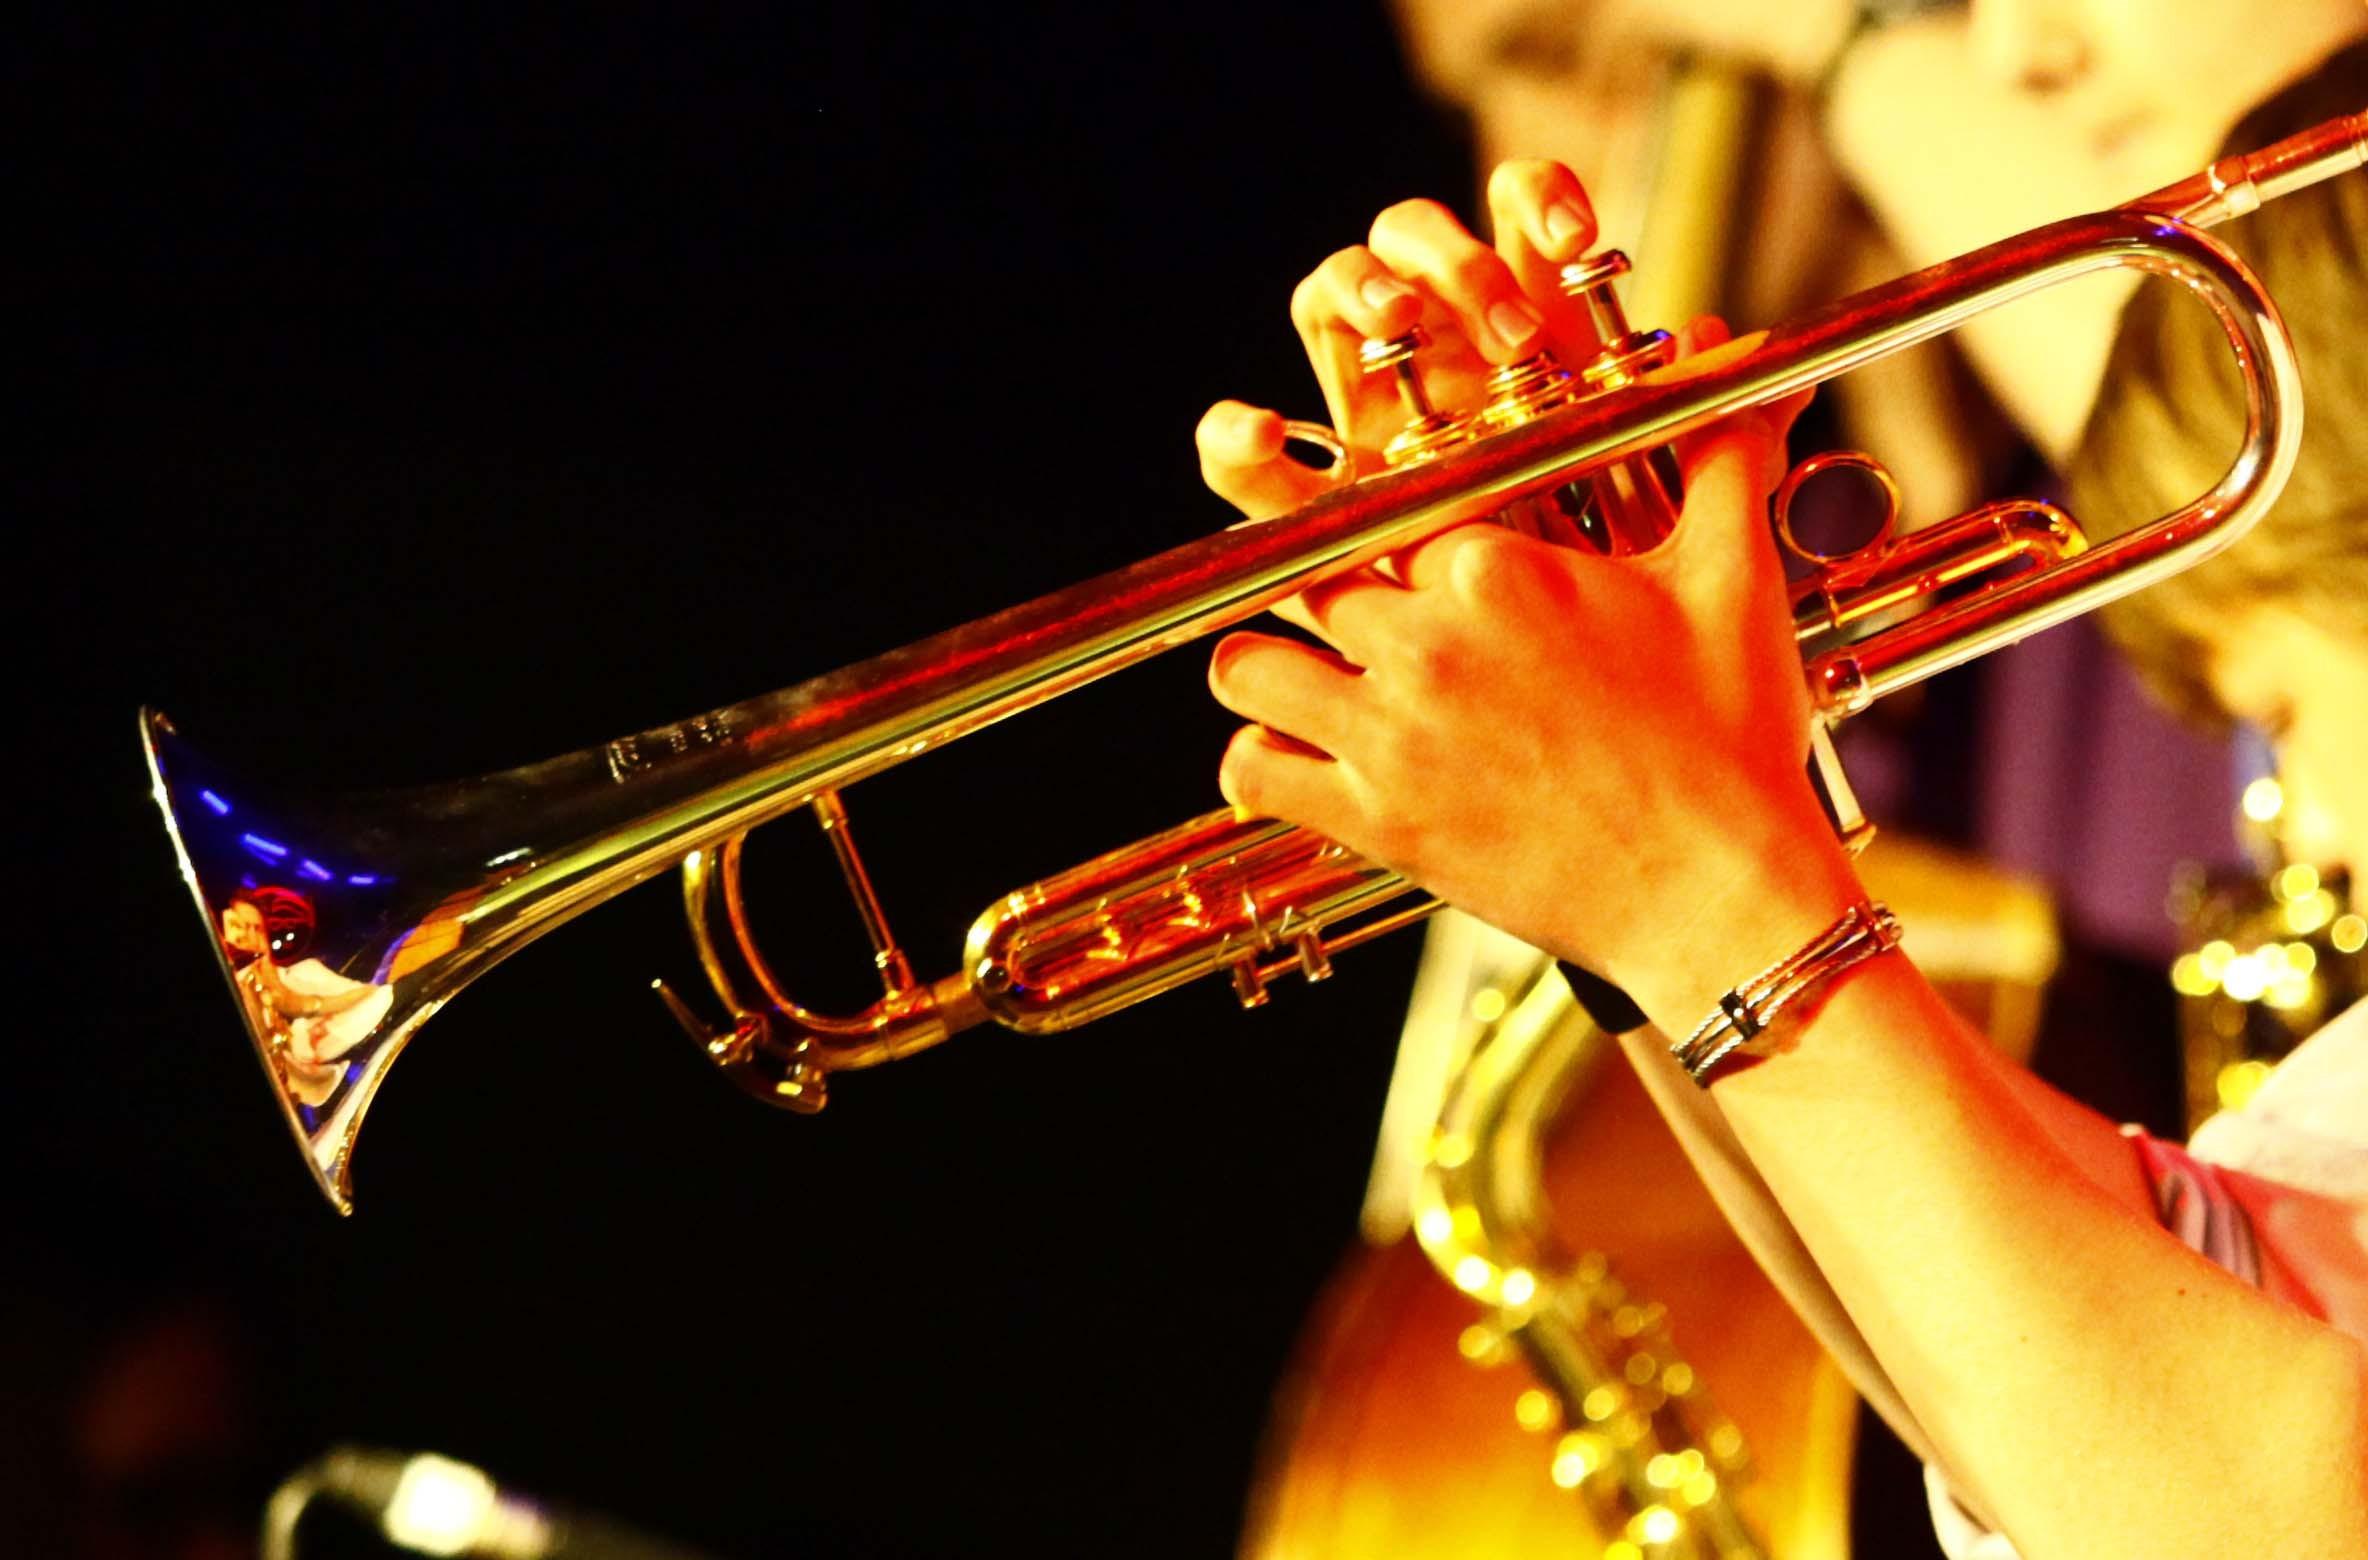 С 24  по 28 октября состоится третий Международный фестиваль «Дельта-джаз»